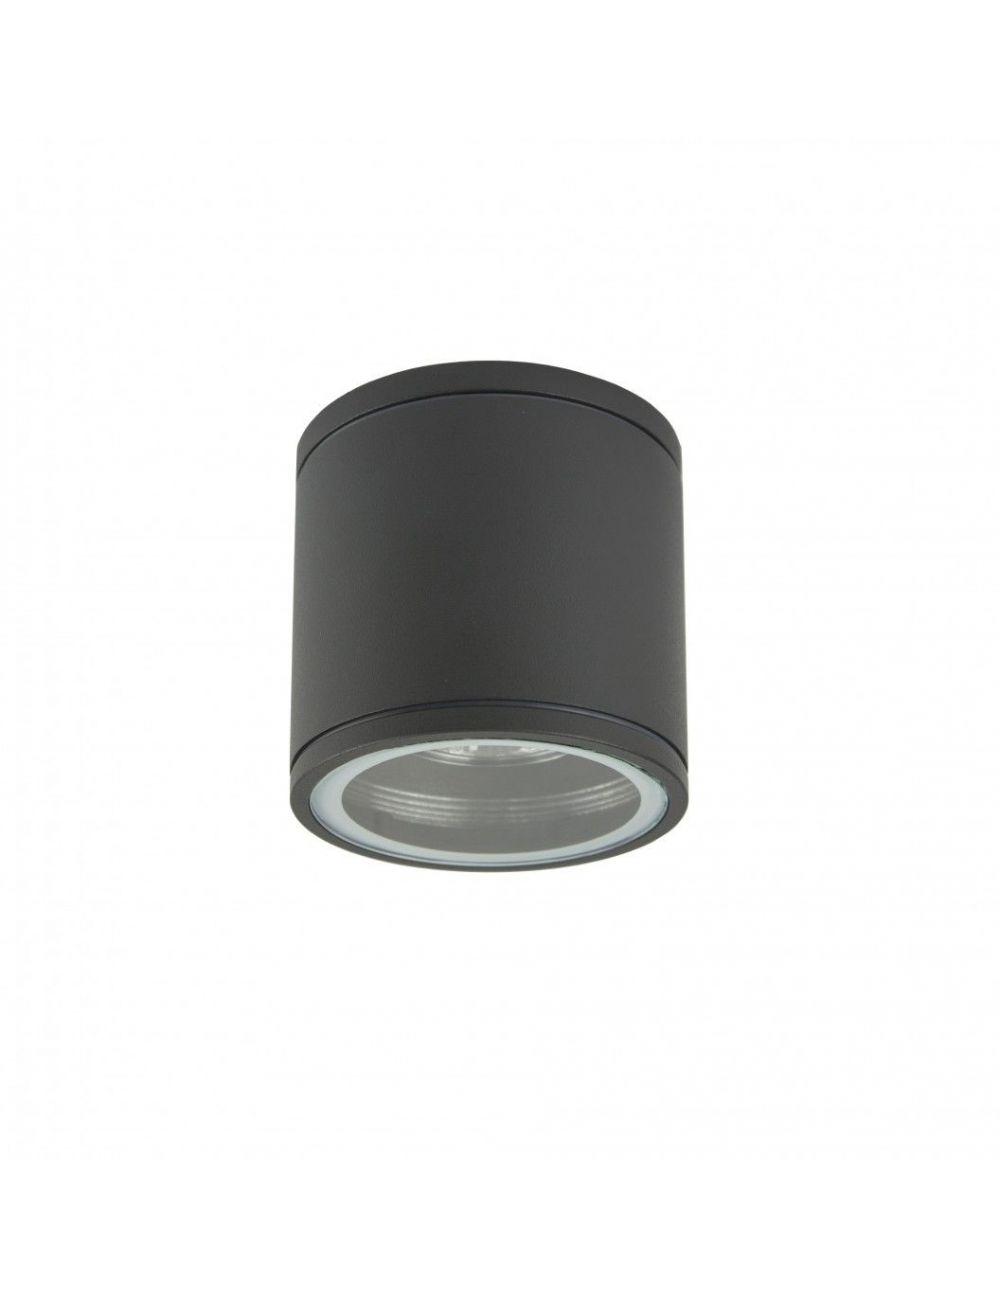 Lampa tuba plafon zewnętrzny antracyt Adela Midi IP 54 SU-MA